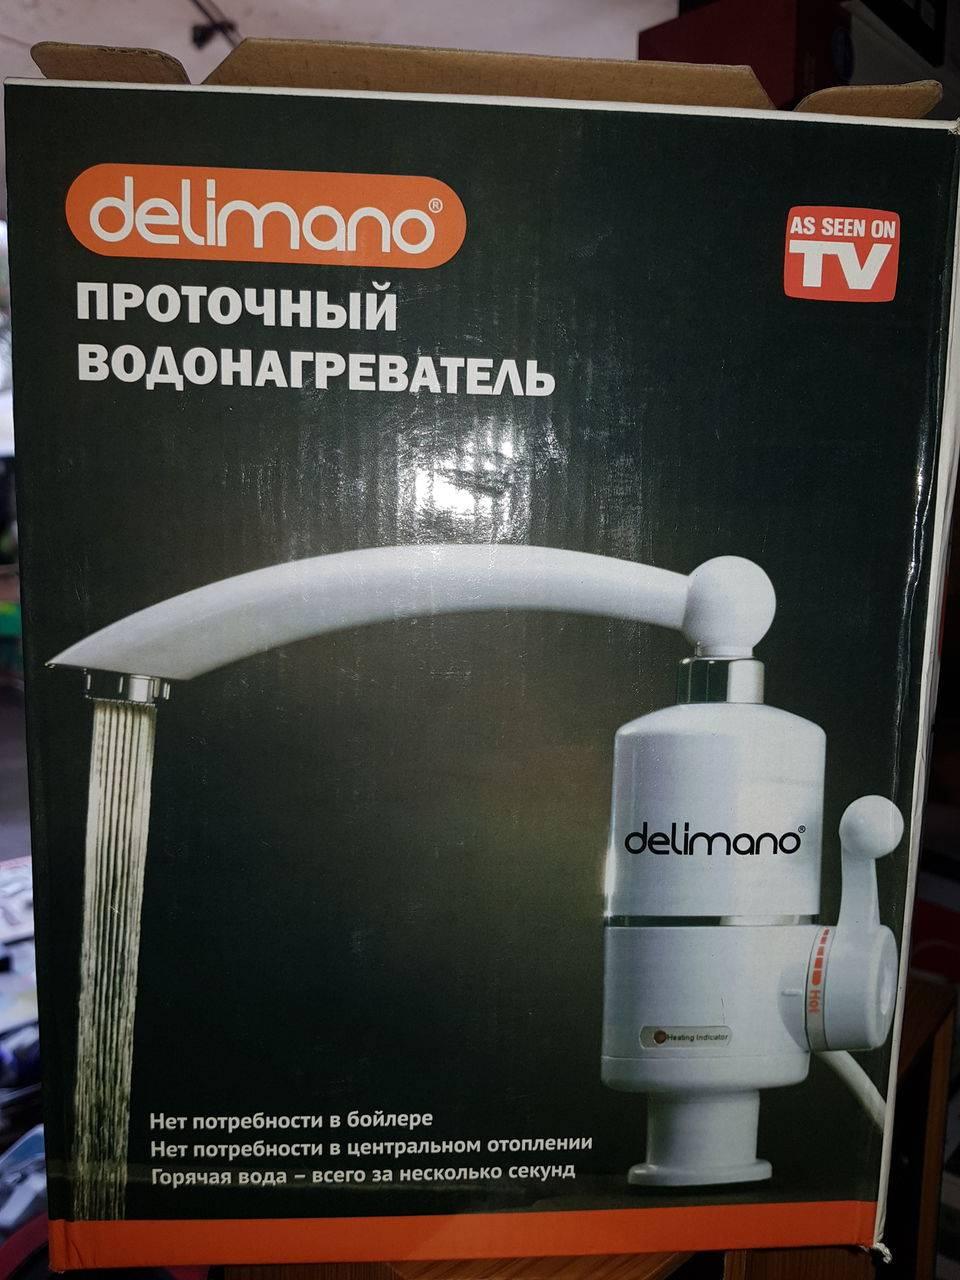 Кран делимано: характеристика, предназначение водонагревателя, цена у delimano